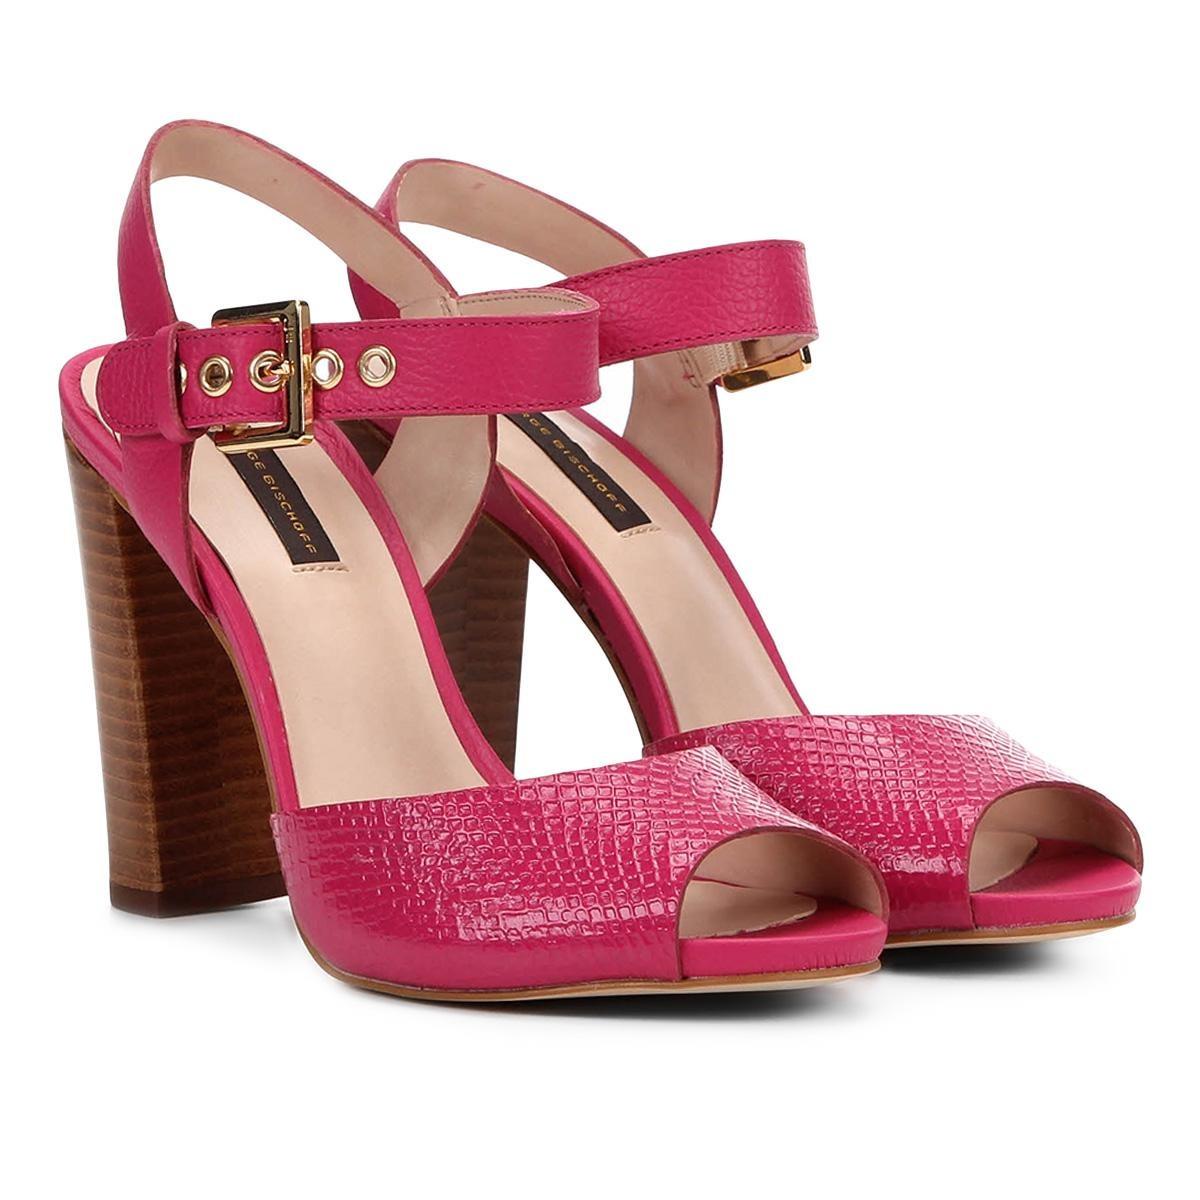 f1b198352 sandália couro jorge bischoff salto grosso croco feminina. Carregando zoom.